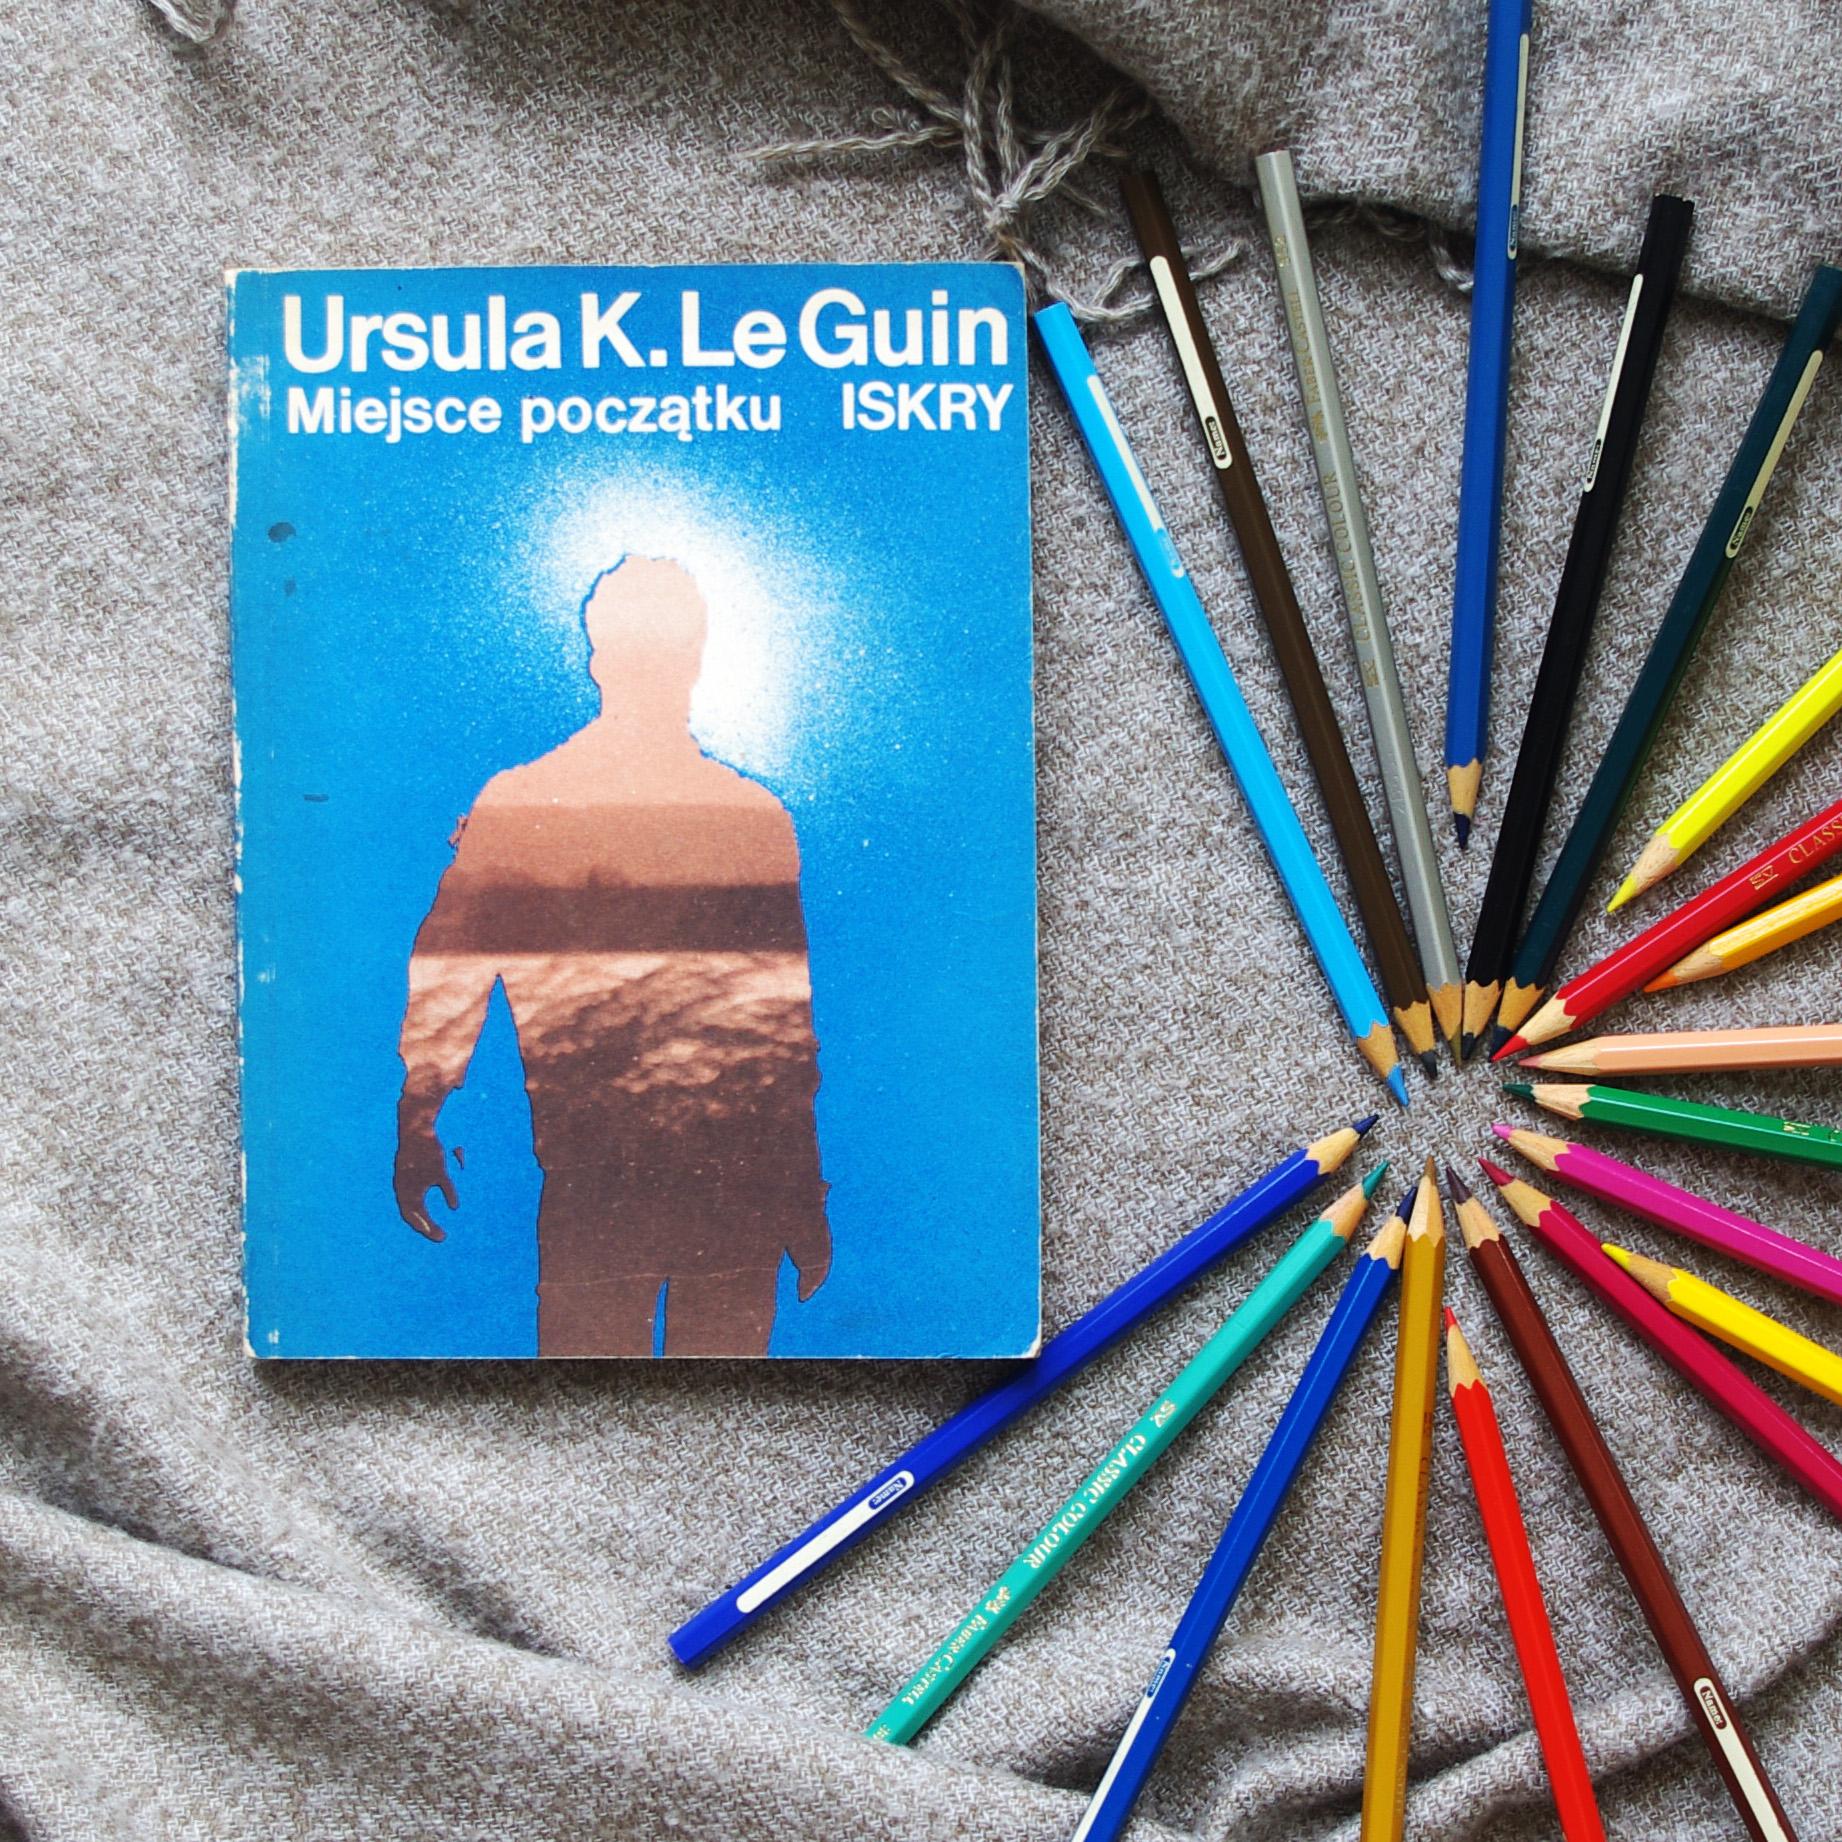 Miejsce początku. Ursula LeGuin